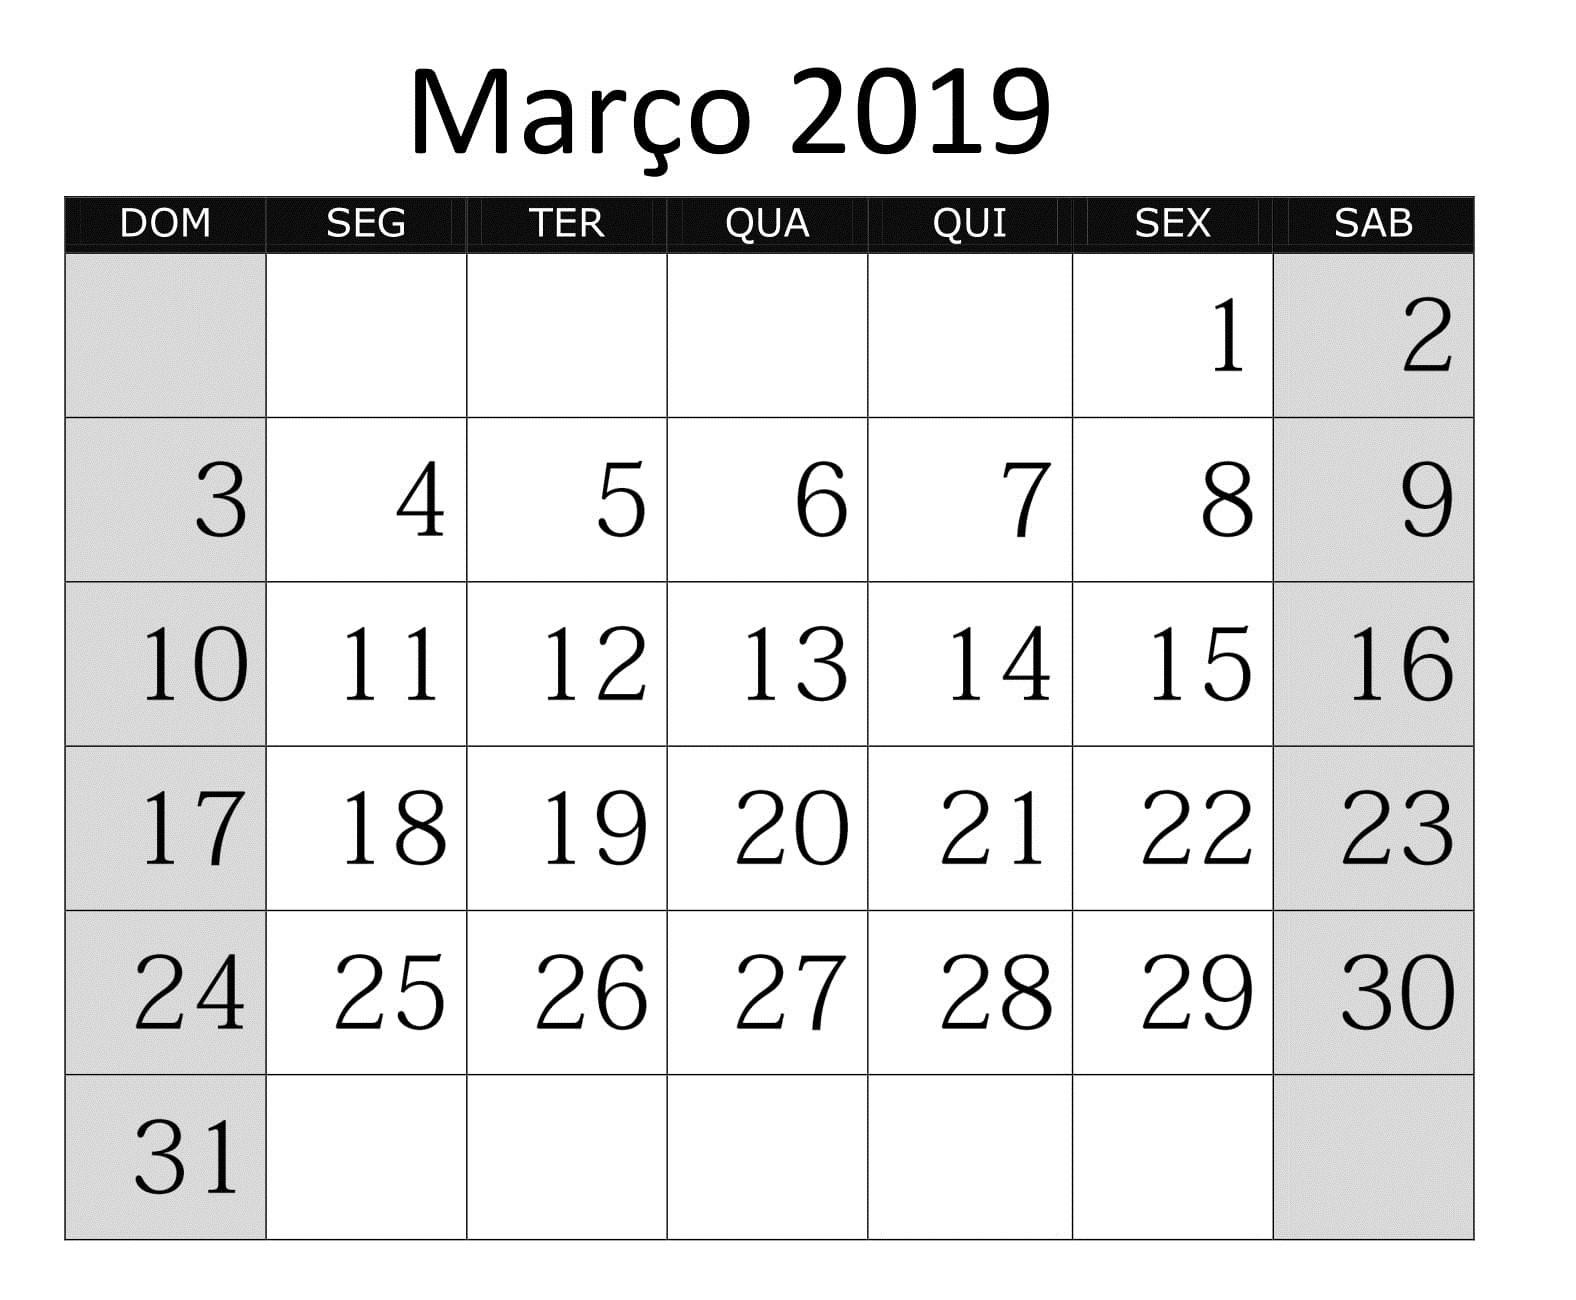 Calendário 2019 Imprimir Gratuito Março